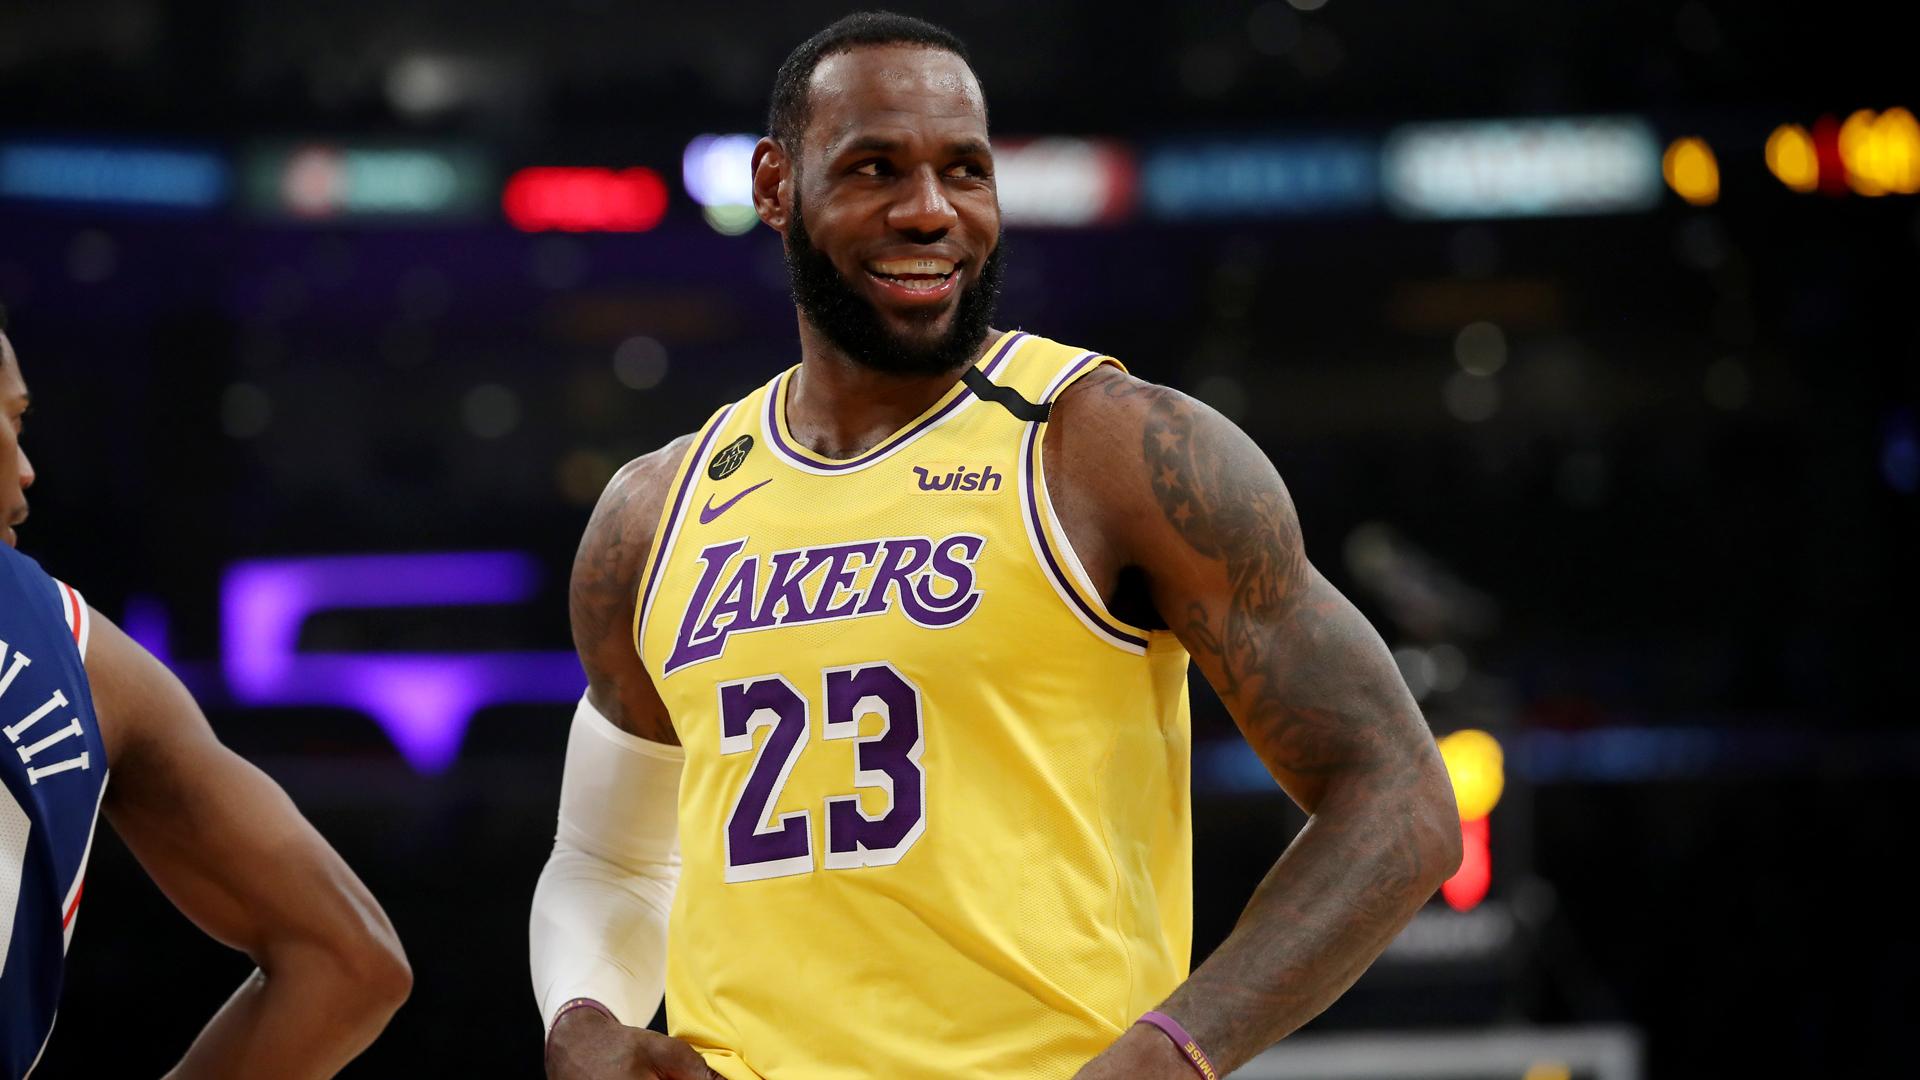 Lakers beat 76ers, LeVert's 51 points lift Nets past Celtics